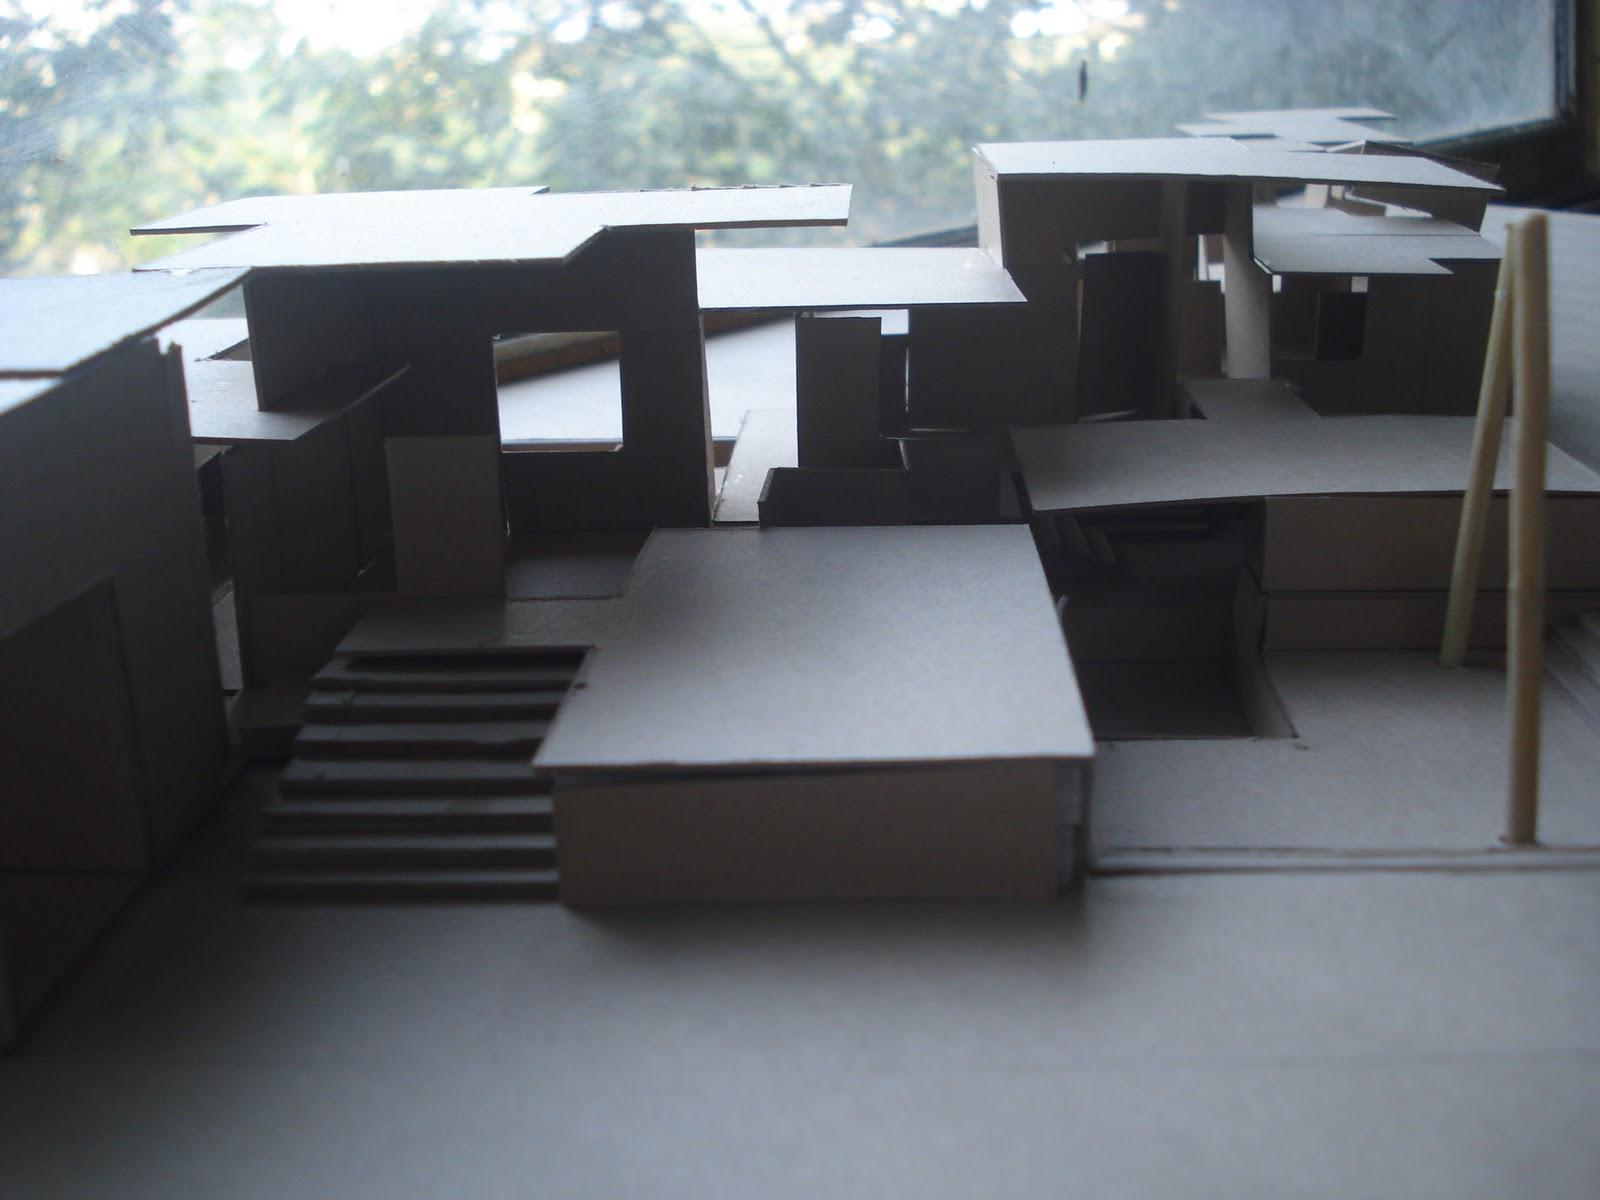 Dagagiri architectural design final jury for Semi open spaces